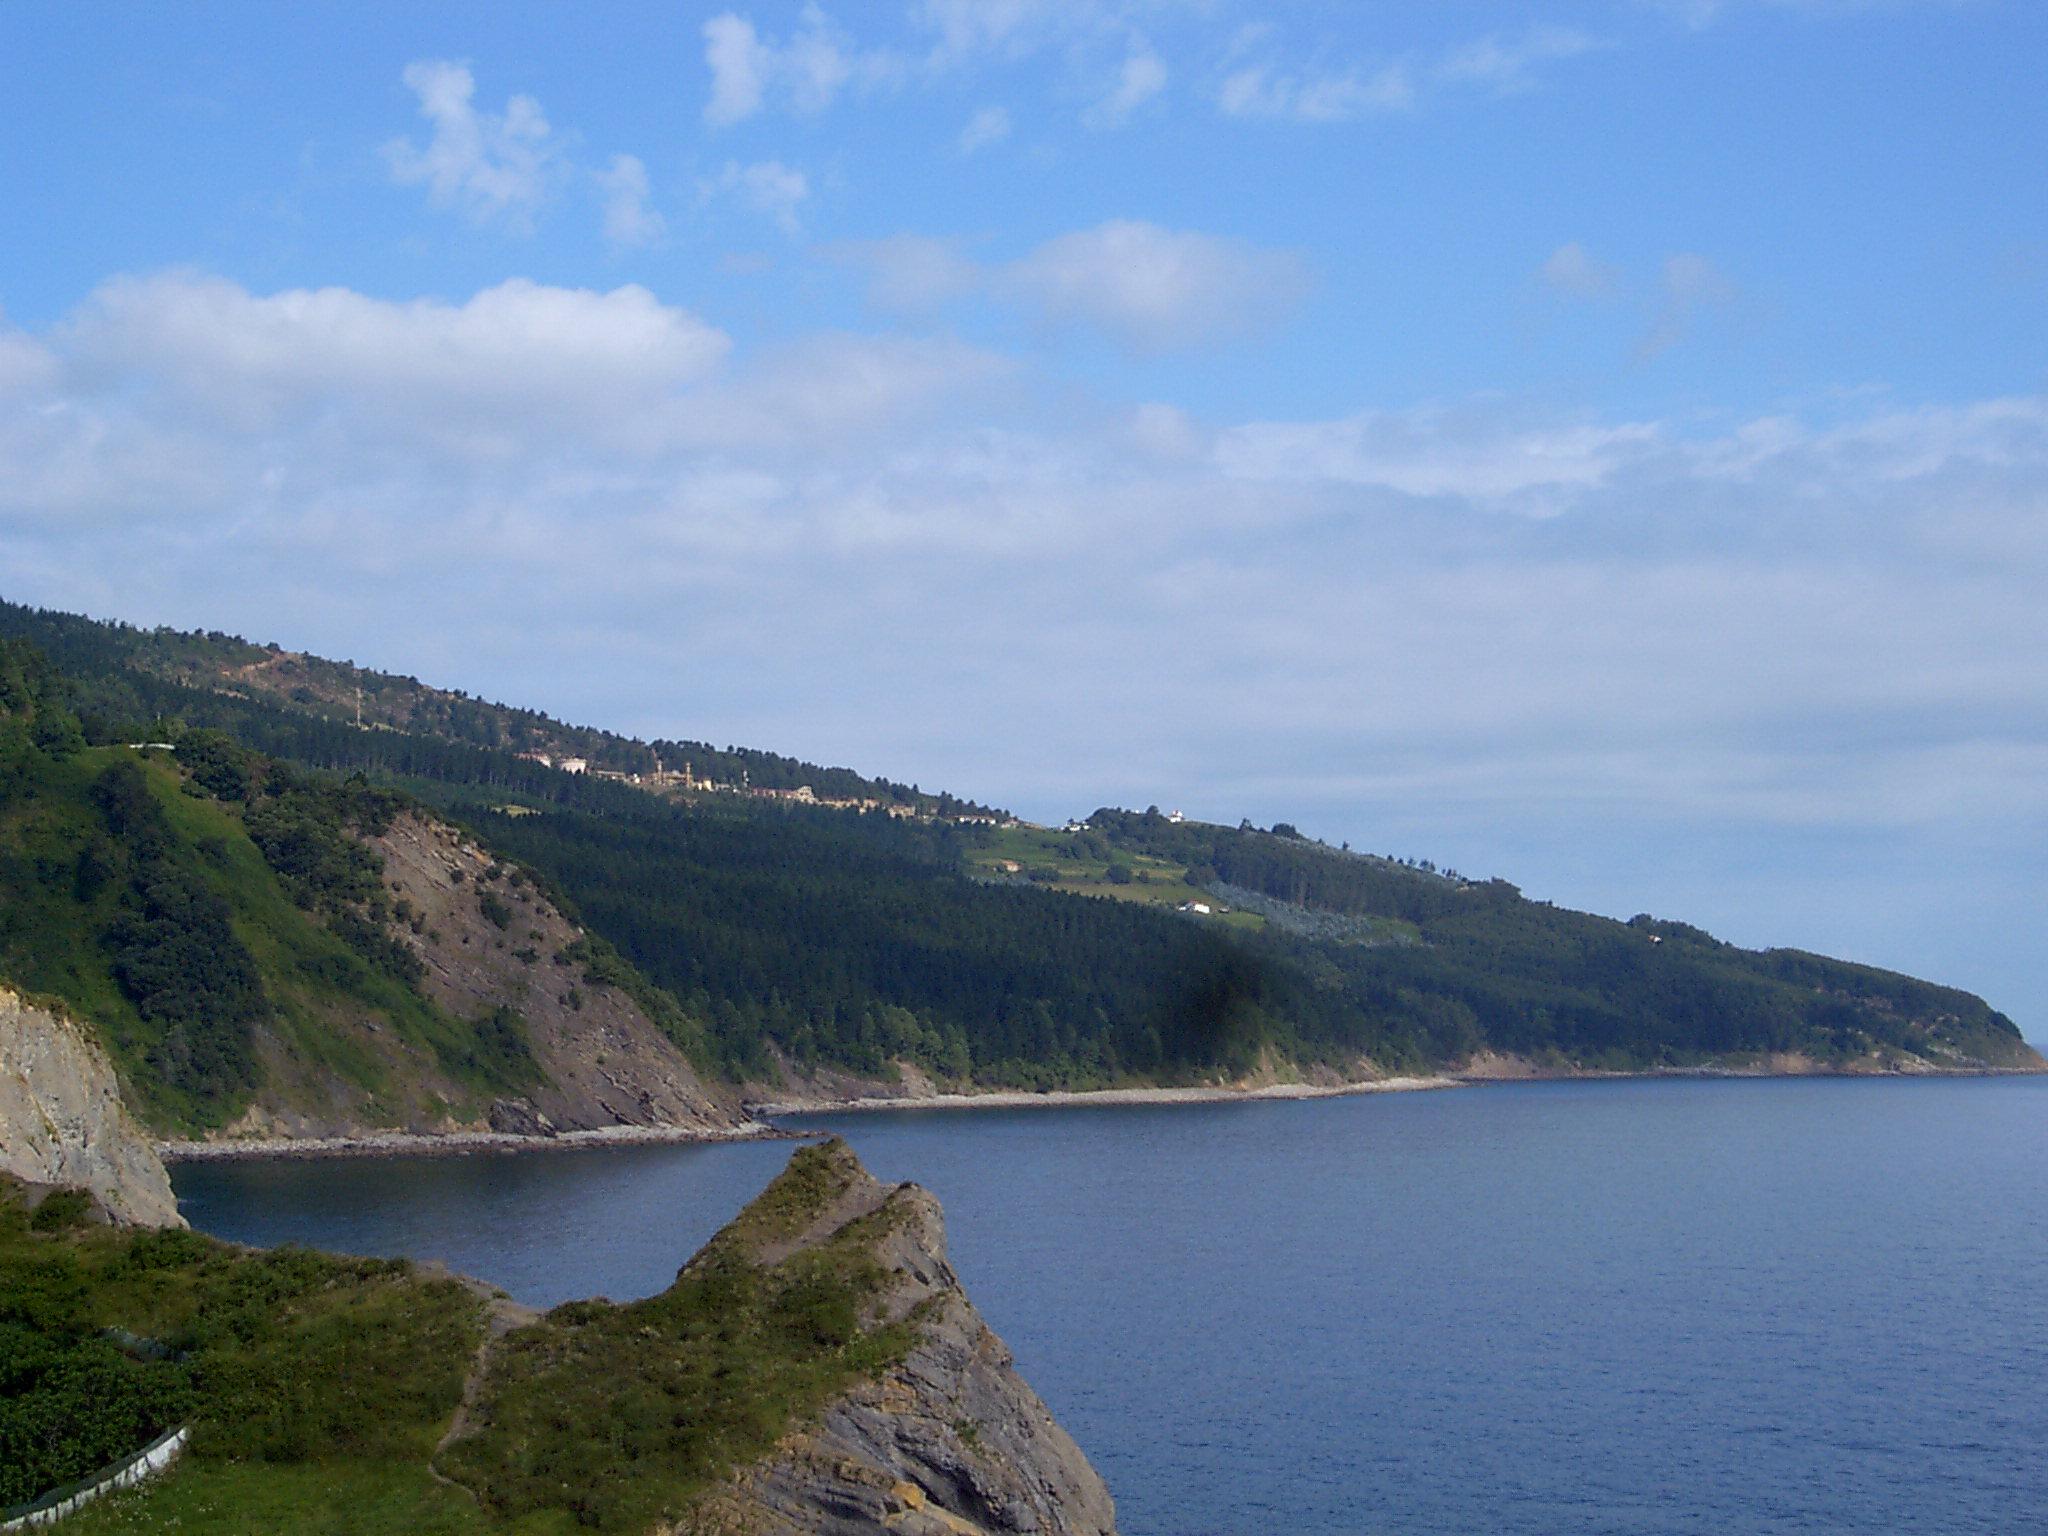 Cabo Matxitxako en Bermeo (Vizcaya) - Qué Visitar en el País Vasco